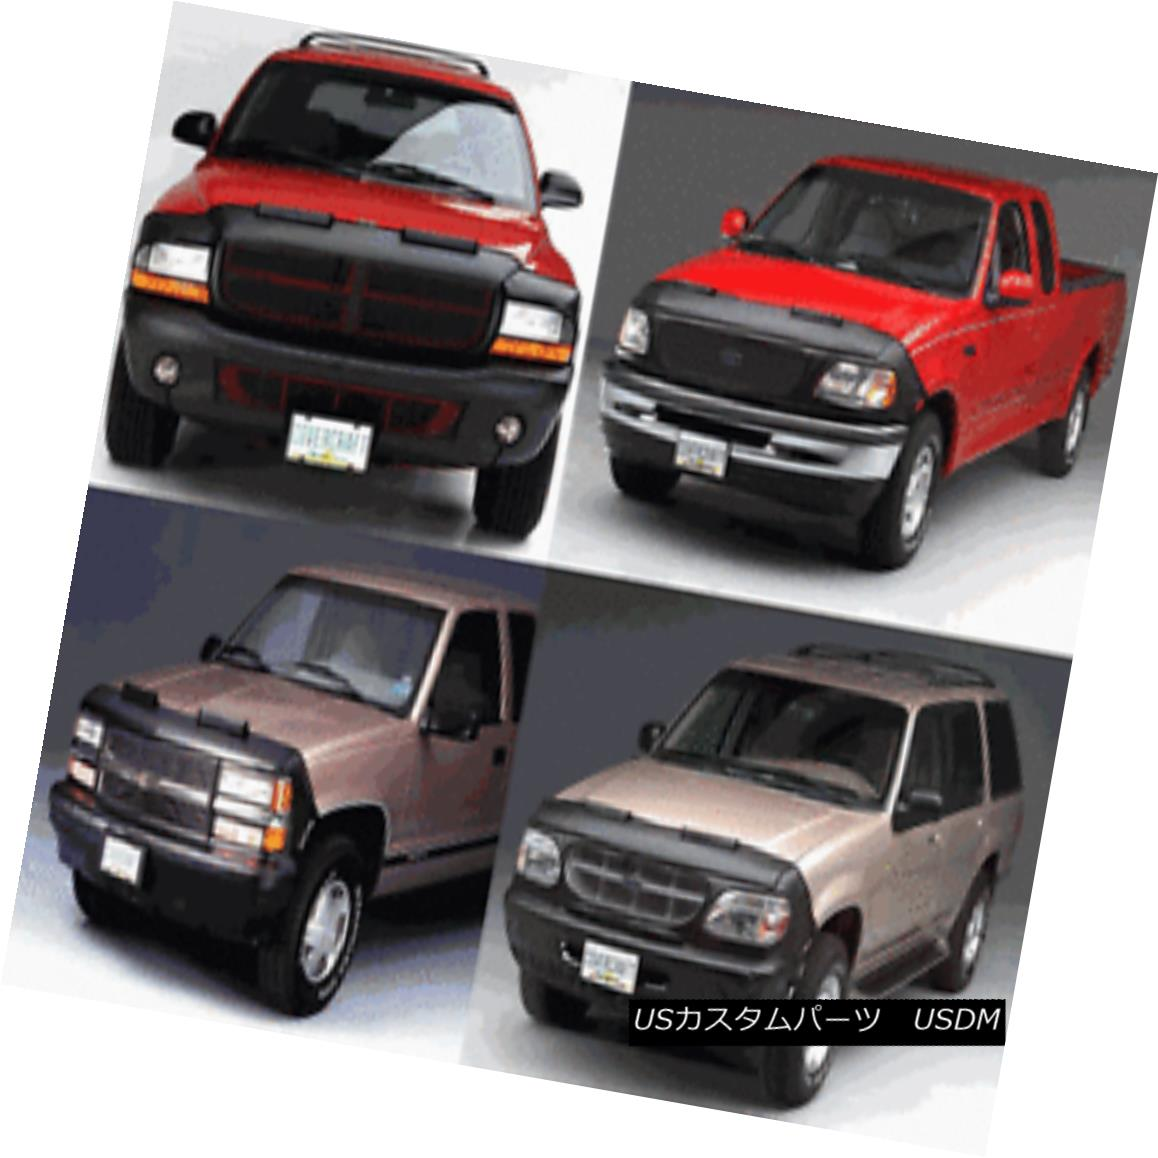 フルブラ ノーズブラ Front End Mask Car Bra Fits 1998-1999 Hyundai Accent 2 Door フロントエンドマスクカーブラフィット1998-1999現代アクセント2ドア